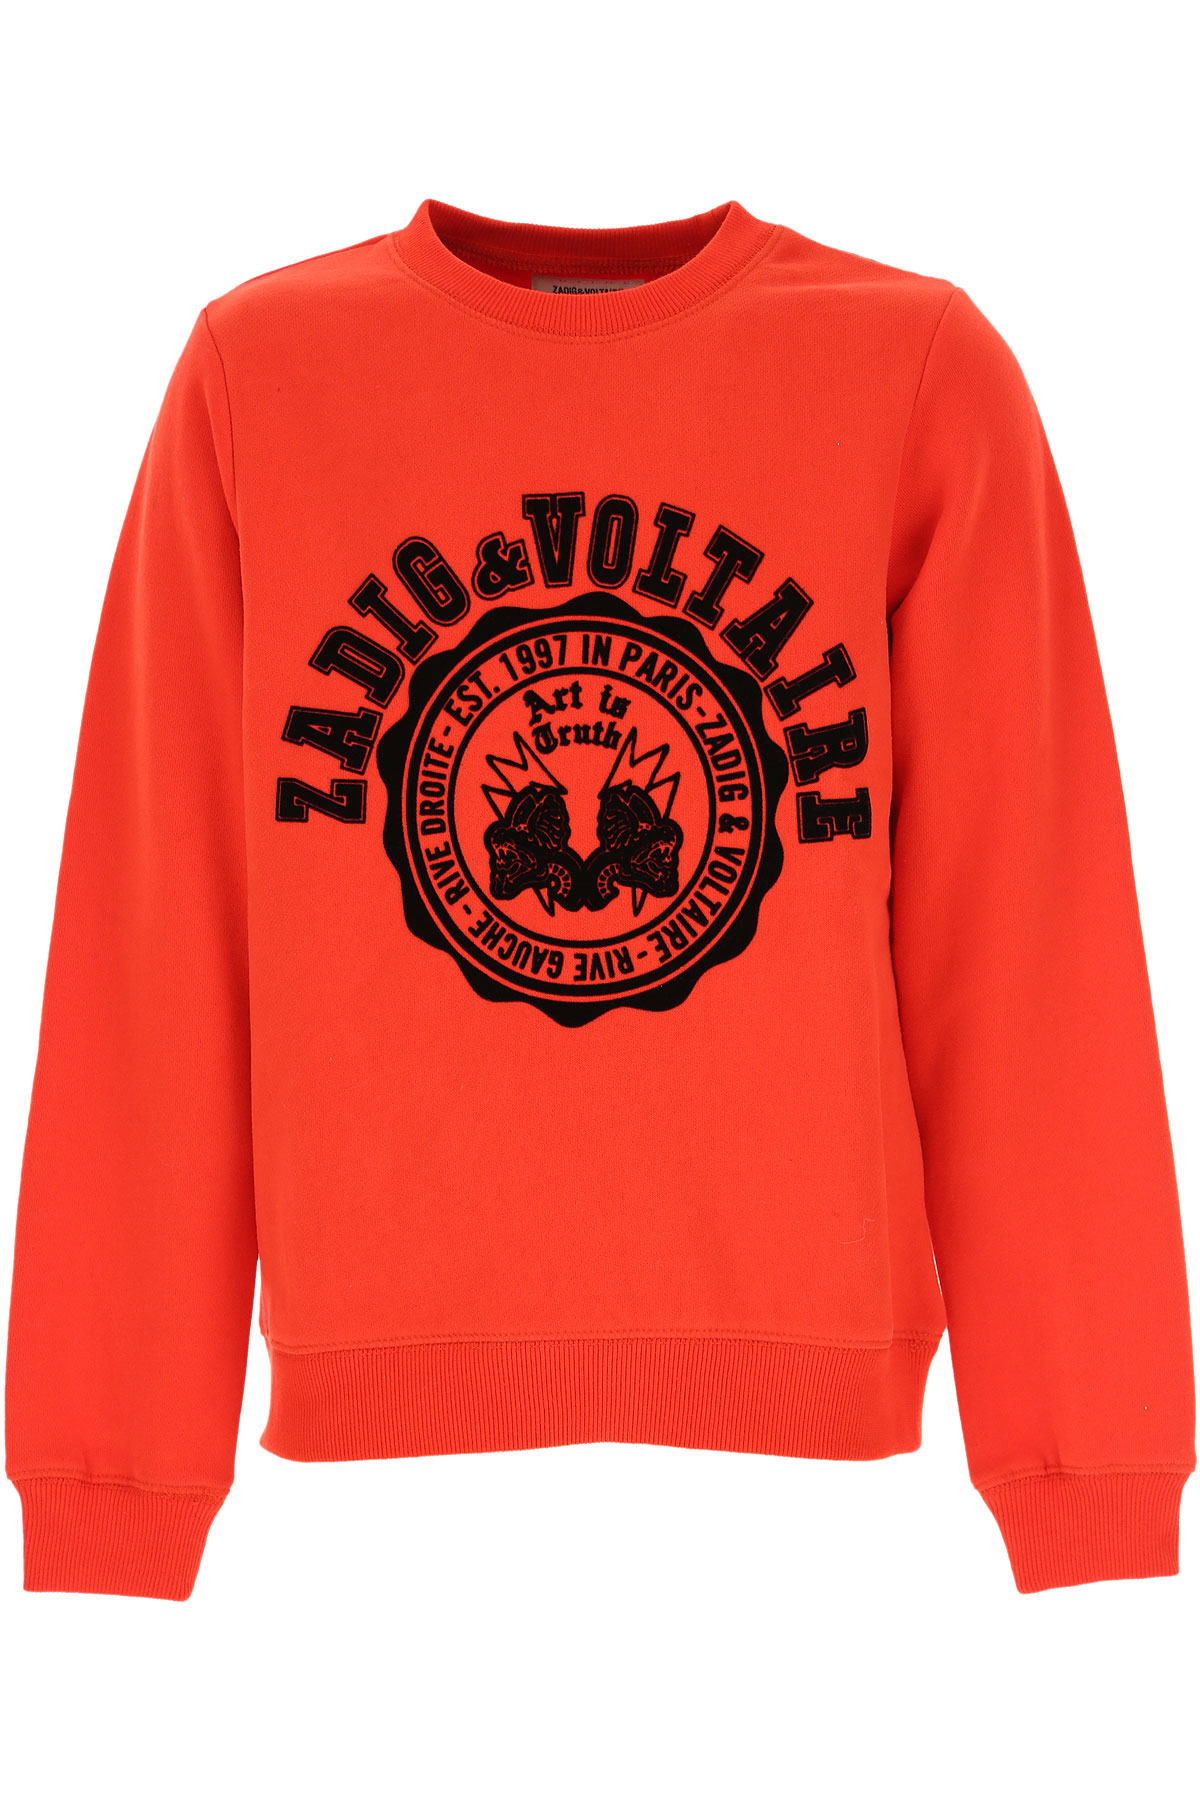 Zadig & Voltaire Kids Sweatshirts & Hoodies for Boys On Sale, Red, Cotton, 2019, 10Y 12Y 14Y 8Y